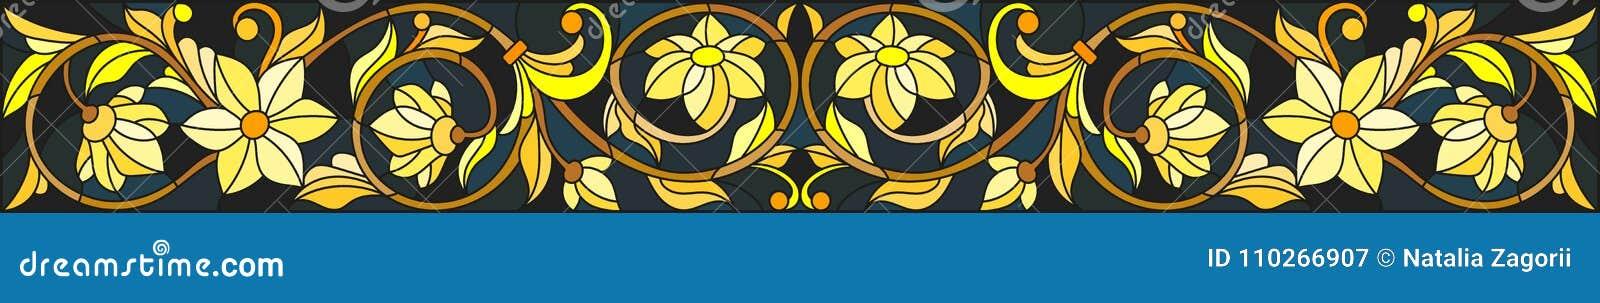 Illustration en verre souillé avec l ornement floral, l or d imitation sur le fond foncé avec des remous et les motifs floraux